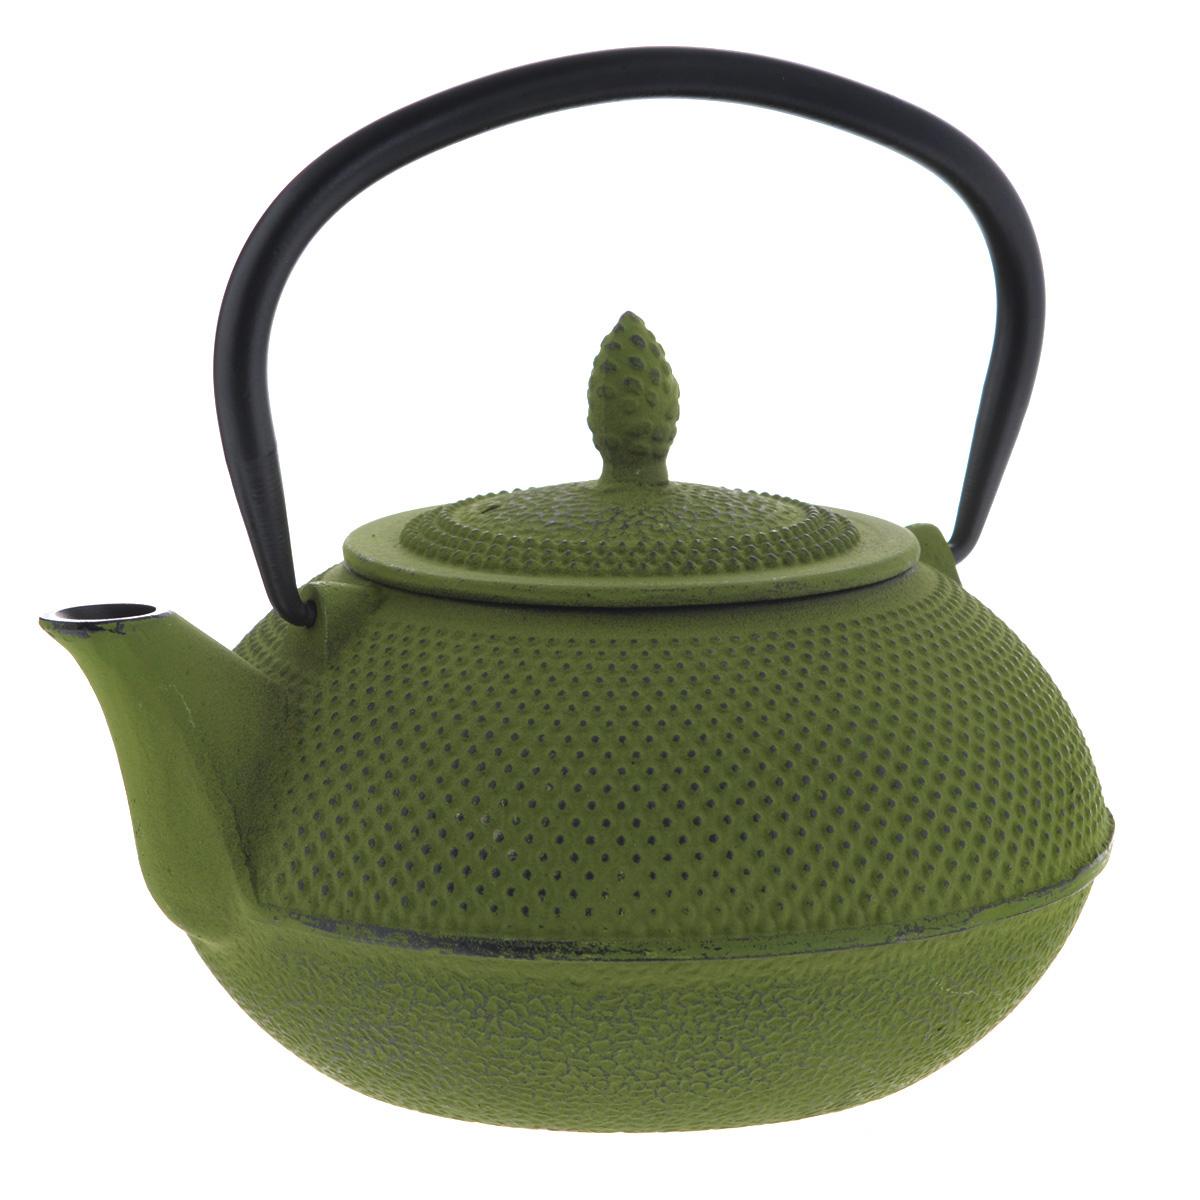 Чайник заварочный Mayer & Boch с ситечком, цвет: зеленый, 1 л23699Чайник заварочный Mayer & Boch изготовлен из чугуна - экологически чистого материала, который не тускнеет и не деформируется. Он долговечен и устойчив к воздействию высоких температур. Внешнее покрытие кремнийорганический термостойкий лак. Главное достоинство чугунного чайника - способность длительно сохранять тепло, чай в таком чайнике сохраняет свой вкус и свежий аромат долгое время. Чайник оснащен прочной металлической ручкой. В комплекте - ситечко из нержавеющей стали, которое задерживает чаинки и предотвращает их попадание в чашку. Восточный стиль, приятная цветовая гамма и оптимальный объем делают чайник Mayer & Boch удобным и оригинальным аксессуаром, который прекрасно подойдет как для ежедневного использования, так и для специальной чайной церемонии. Высота чайника (без учета крышки и ручки): 9 см.Диаметр чайника (по верхнему краю): 8 см.Диаметр основания чайника: 9,5 см.Размер ситечка: 8 см х 8 см х 6 см.